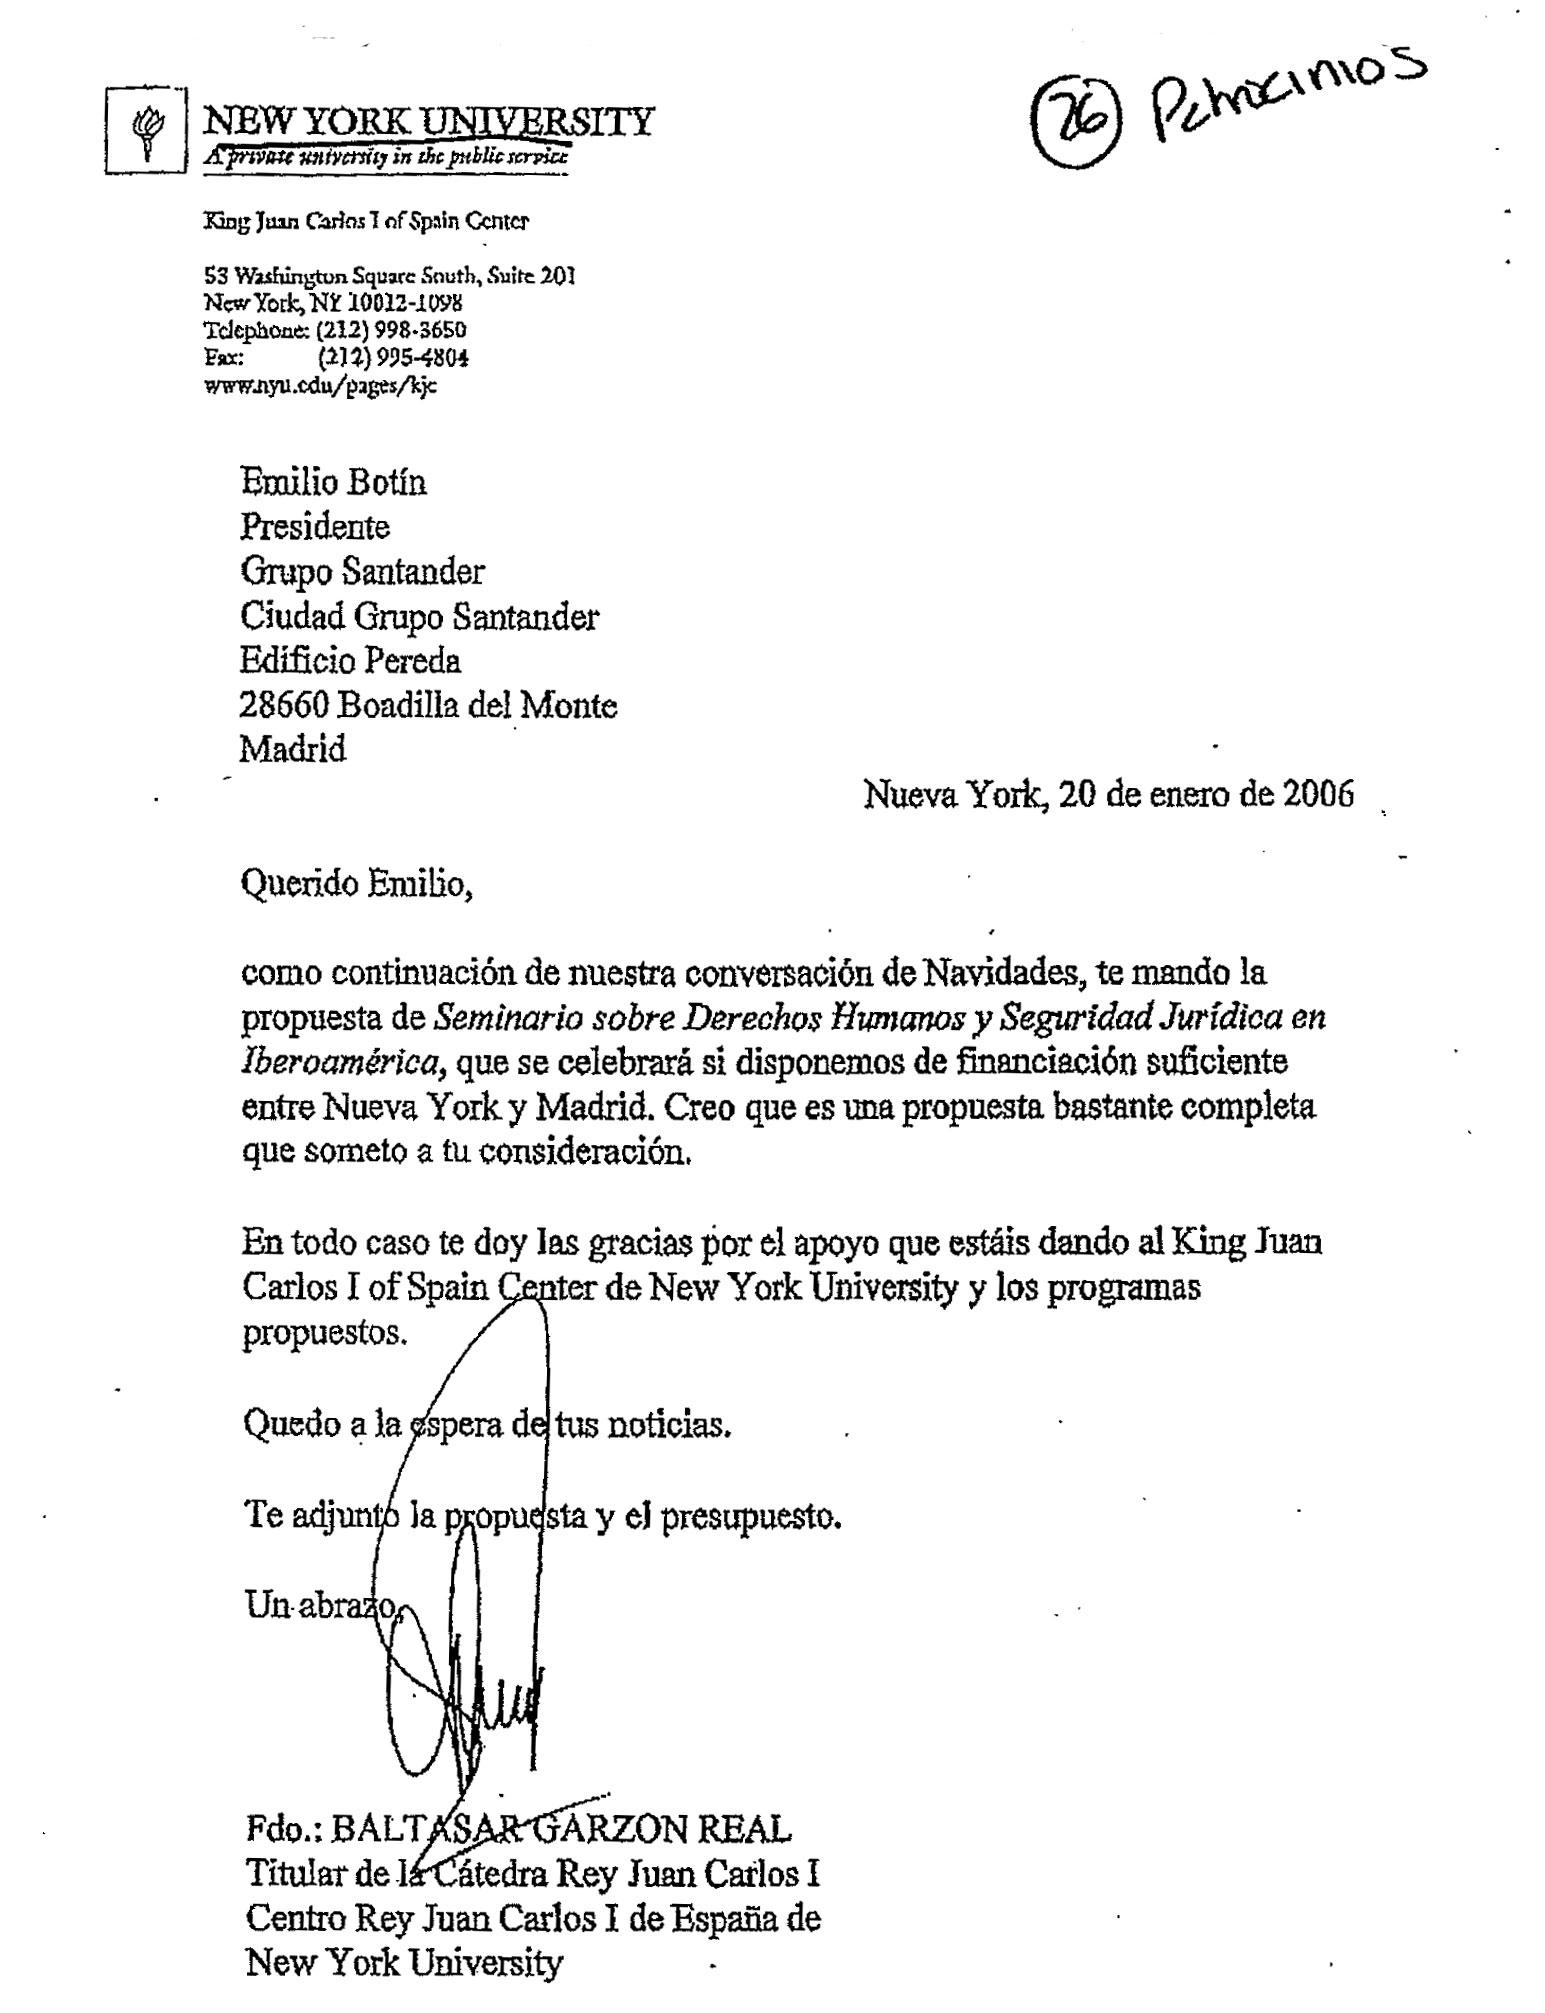 Carta enviada al entonces presidente del BSCH.